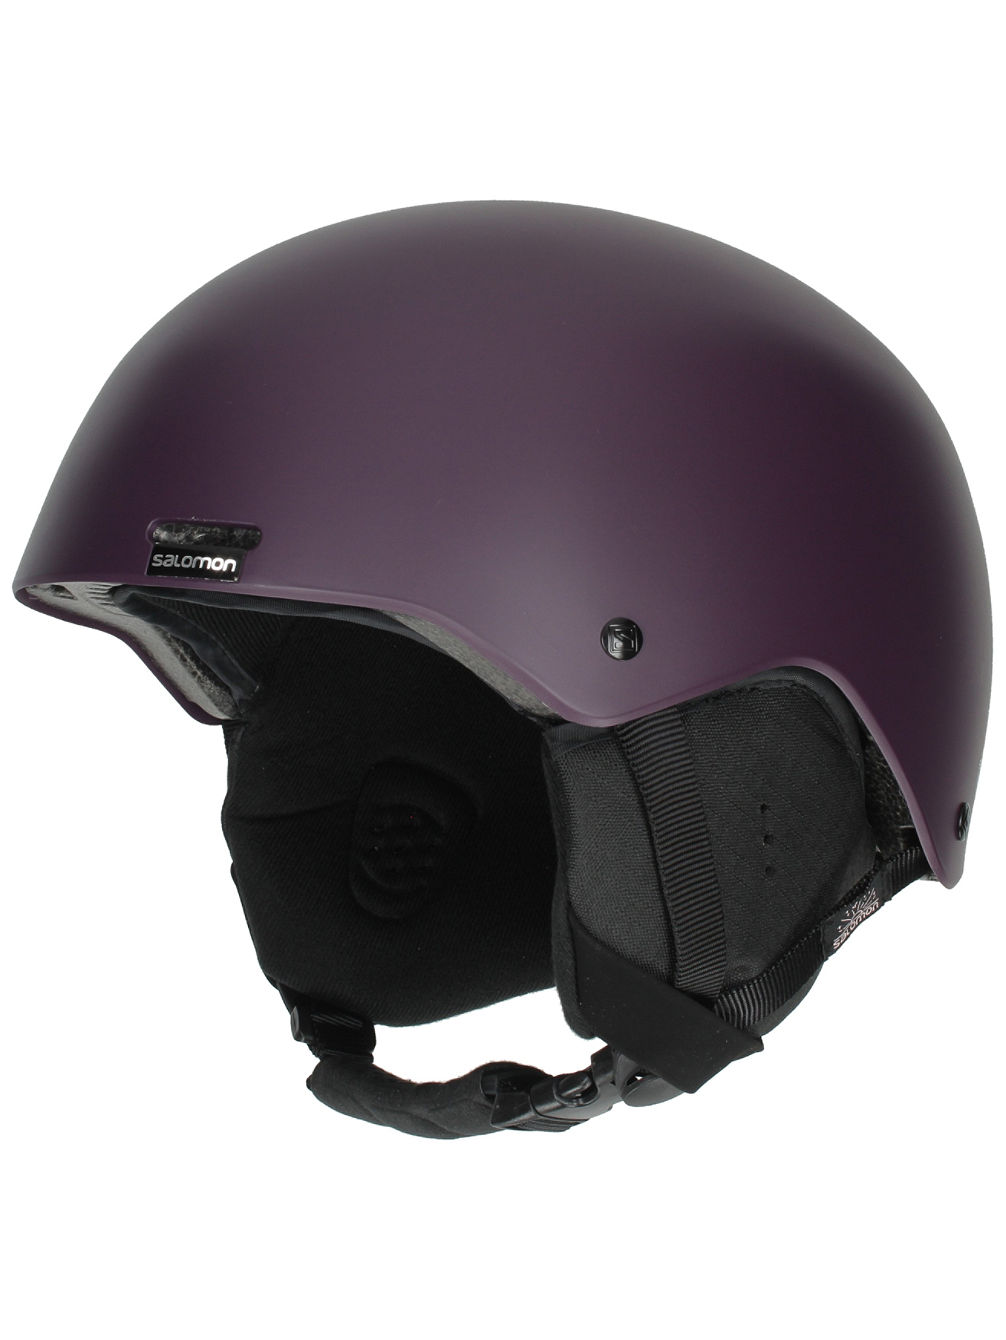 7b0086763d17 Buy Salomon Spell Helmet online at Blue Tomato